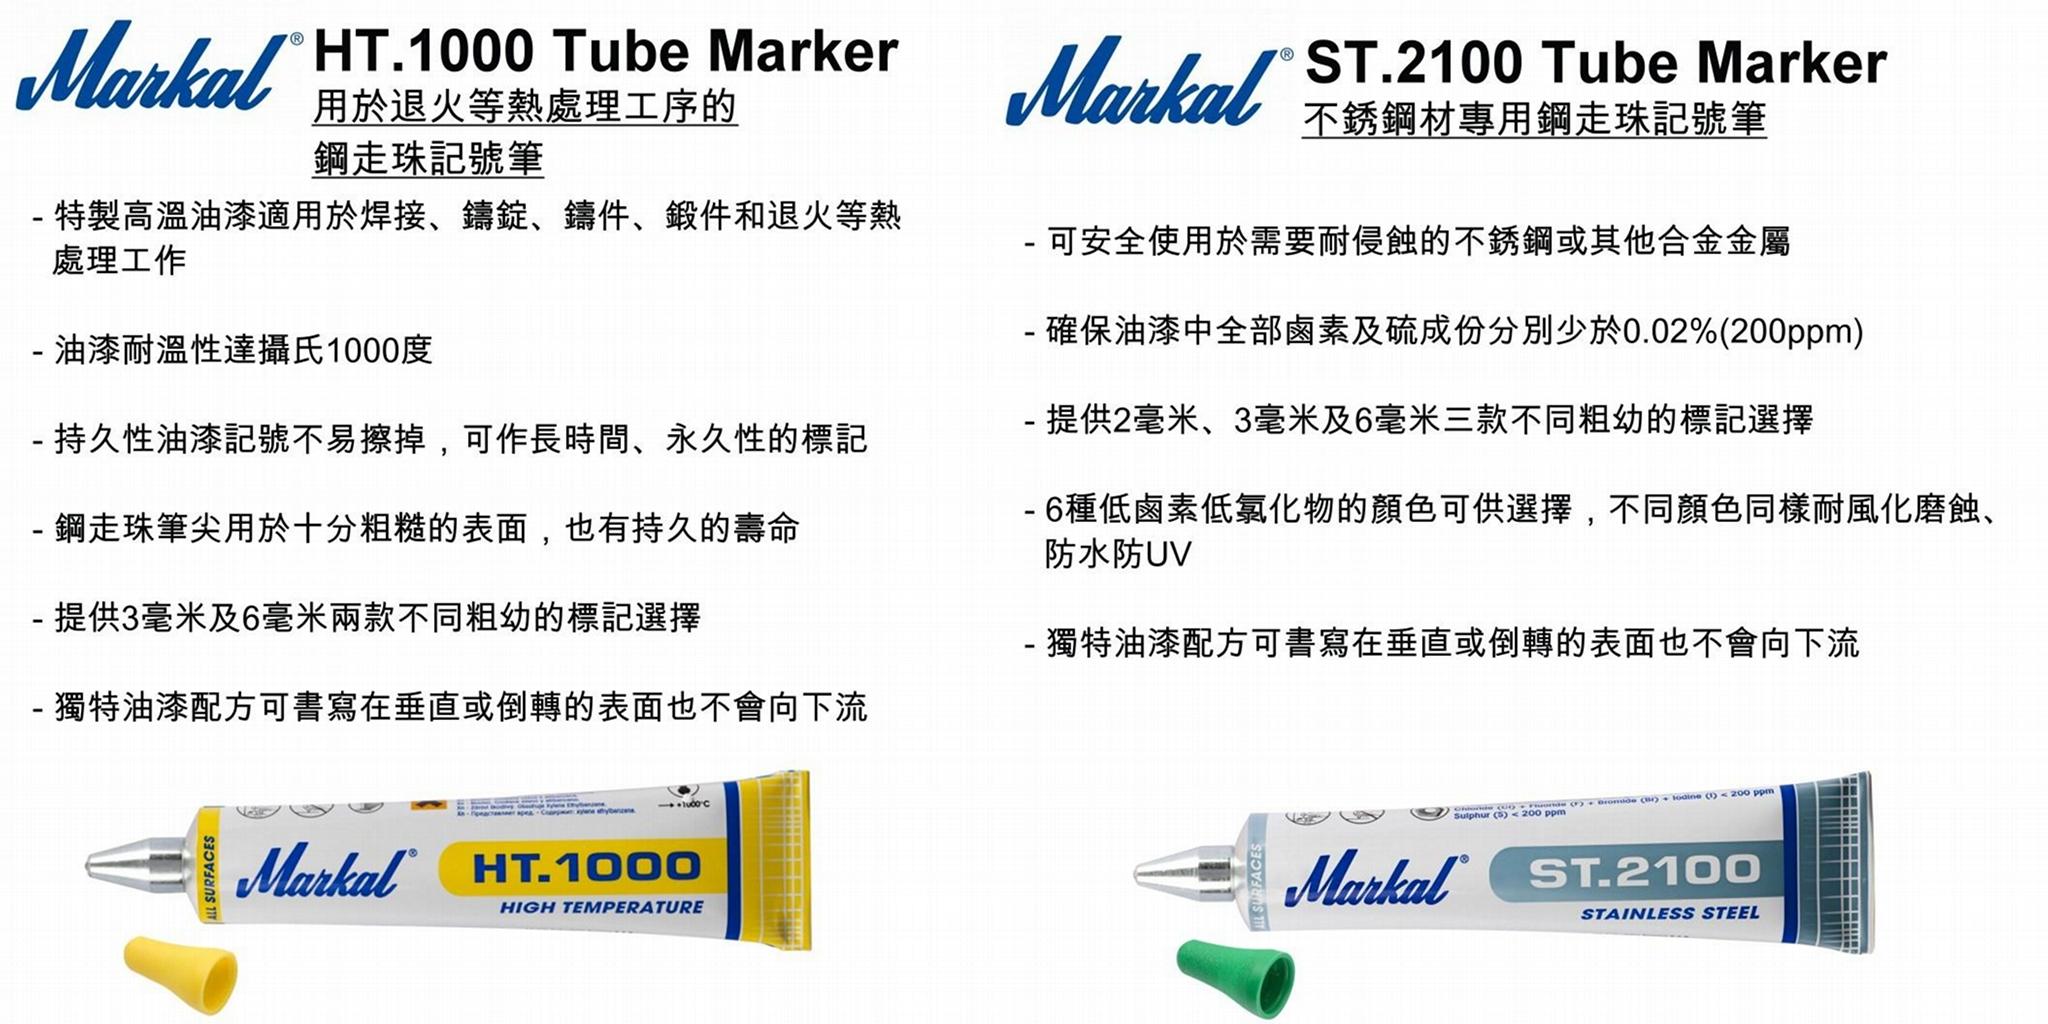 Markal ST.2100 不锈钢专用低腐蚀钢走珠管型油漆笔 1